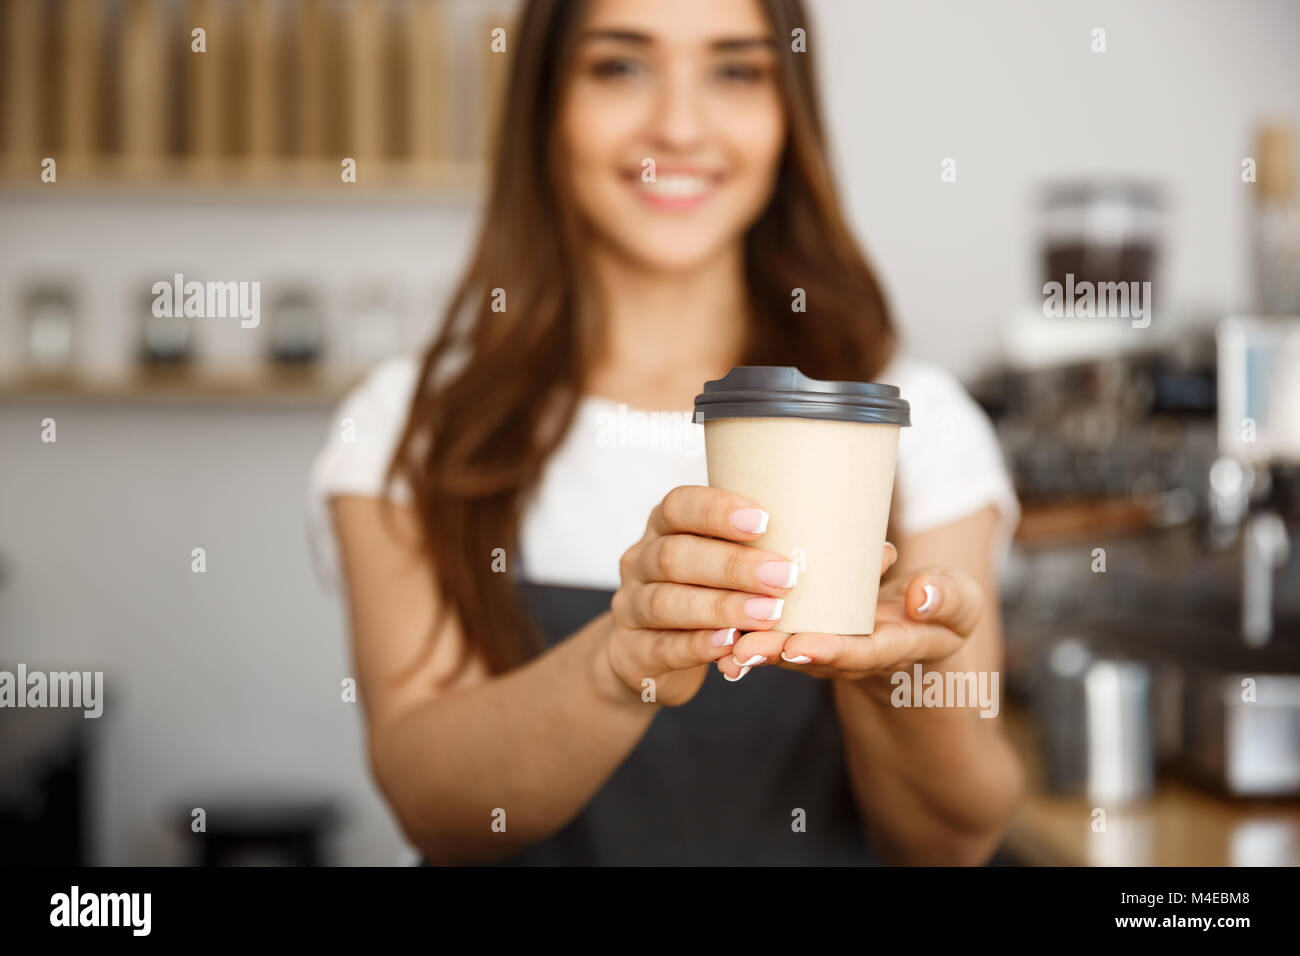 Concepto de negocio de Café - bella dama caucásica sonriendo ante la cámara desechable ofrece quitarle Imagen De Stock